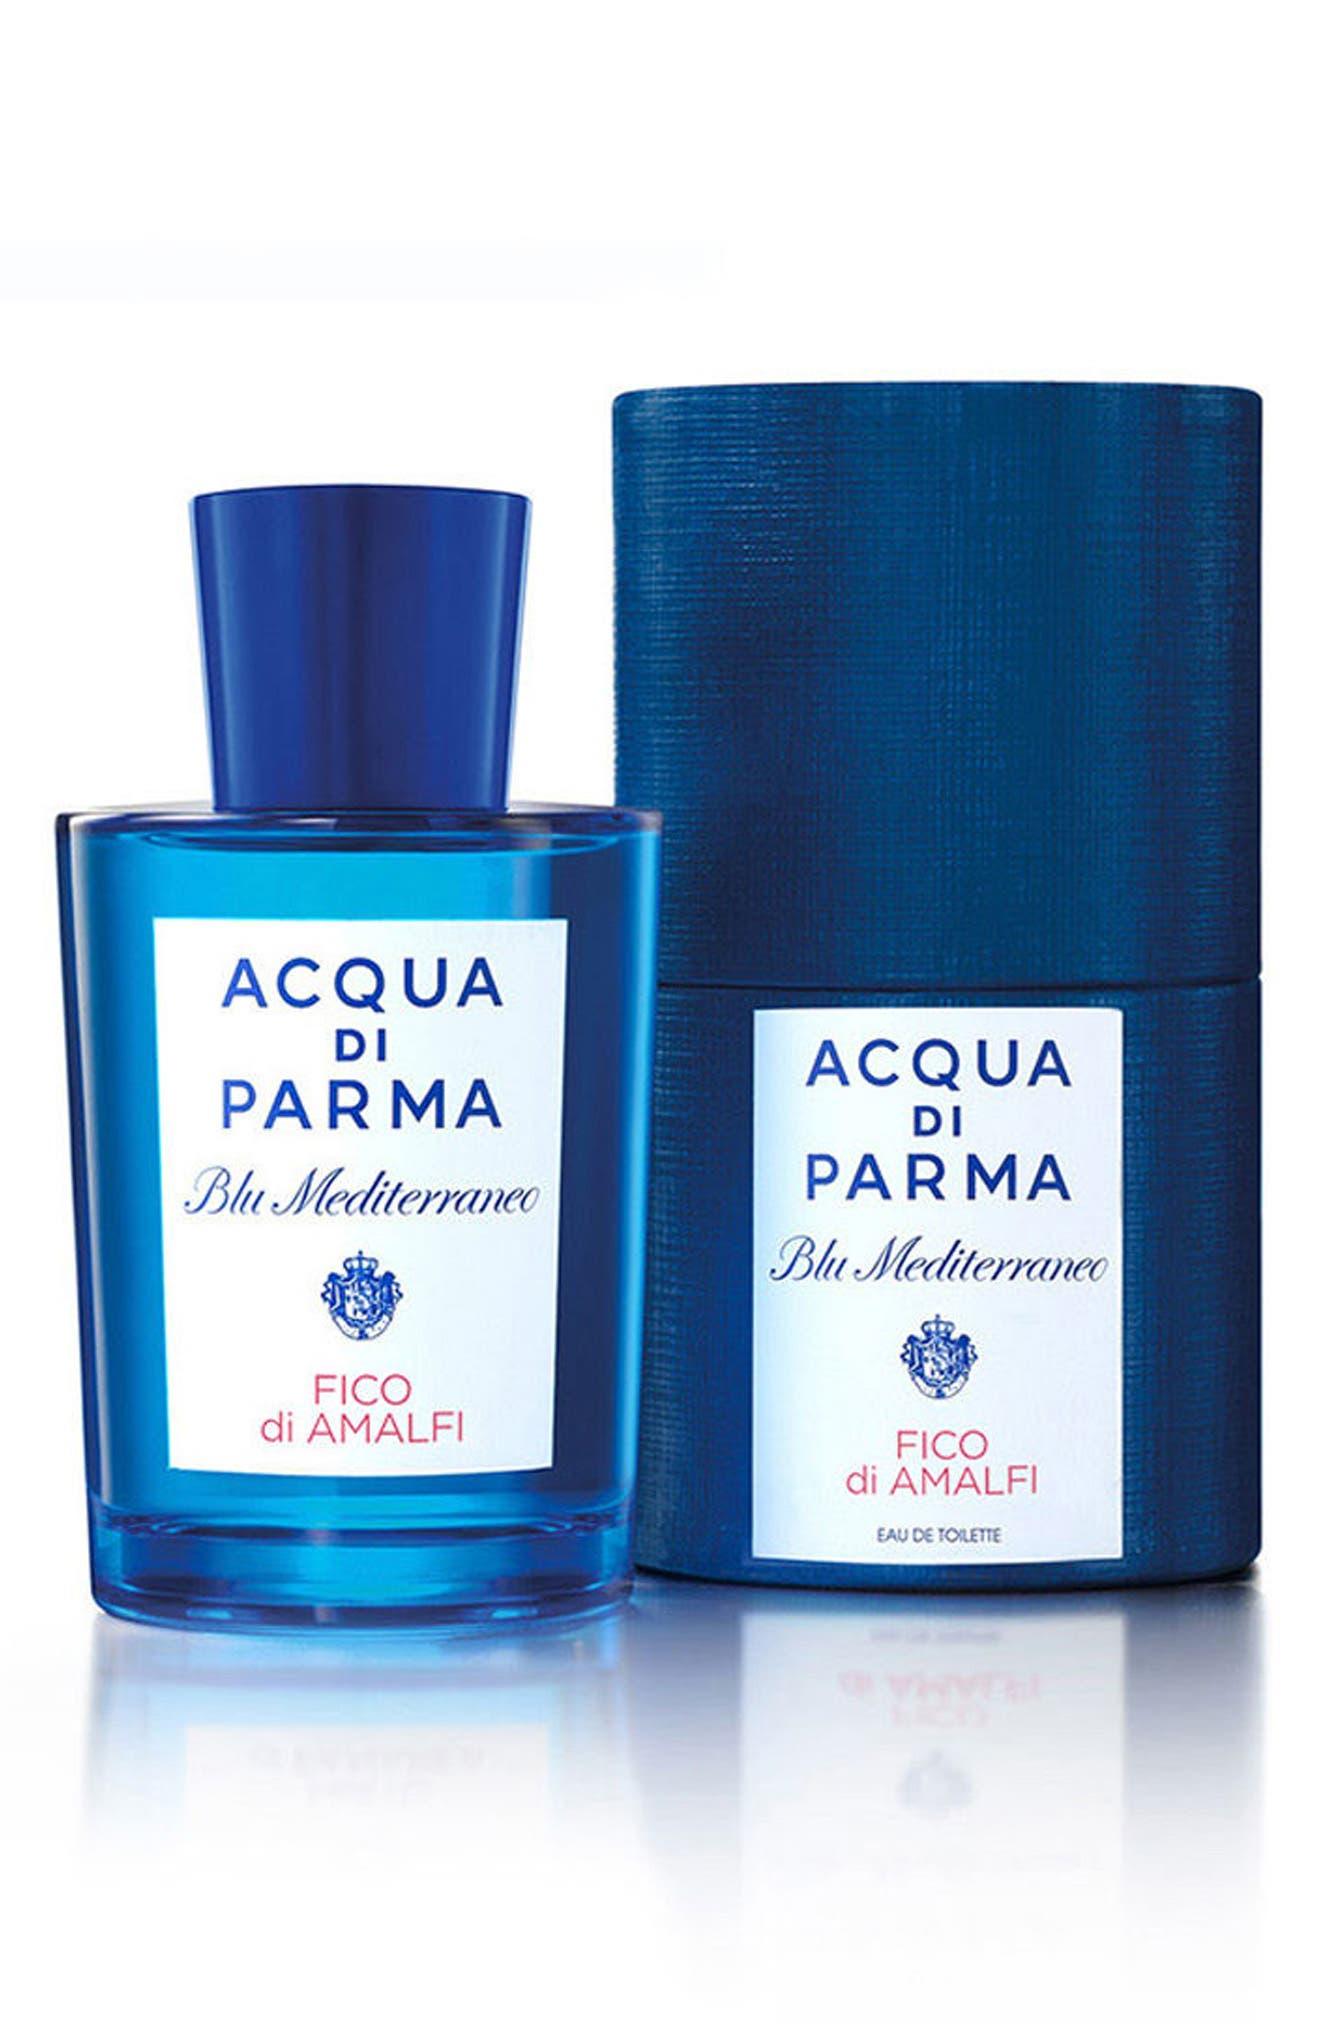 ACQUA DI PARMA,                             'Blu Mediterraneo' Fico di Amalfi Eau de Toilette Spray,                             Alternate thumbnail 5, color,                             NO COLOR